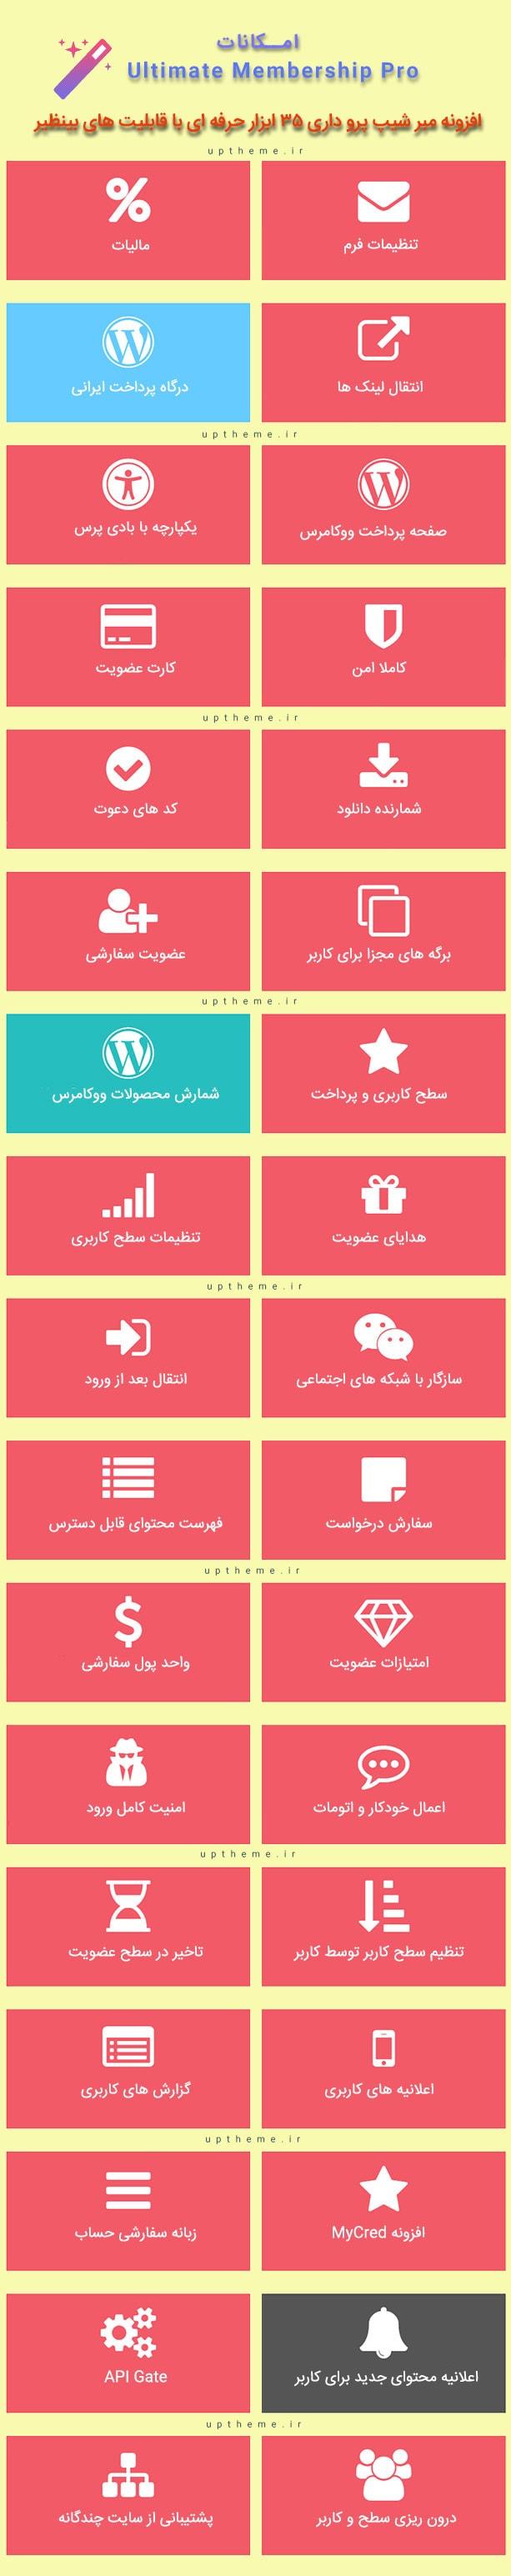 افزونه فارسی Membership Pro